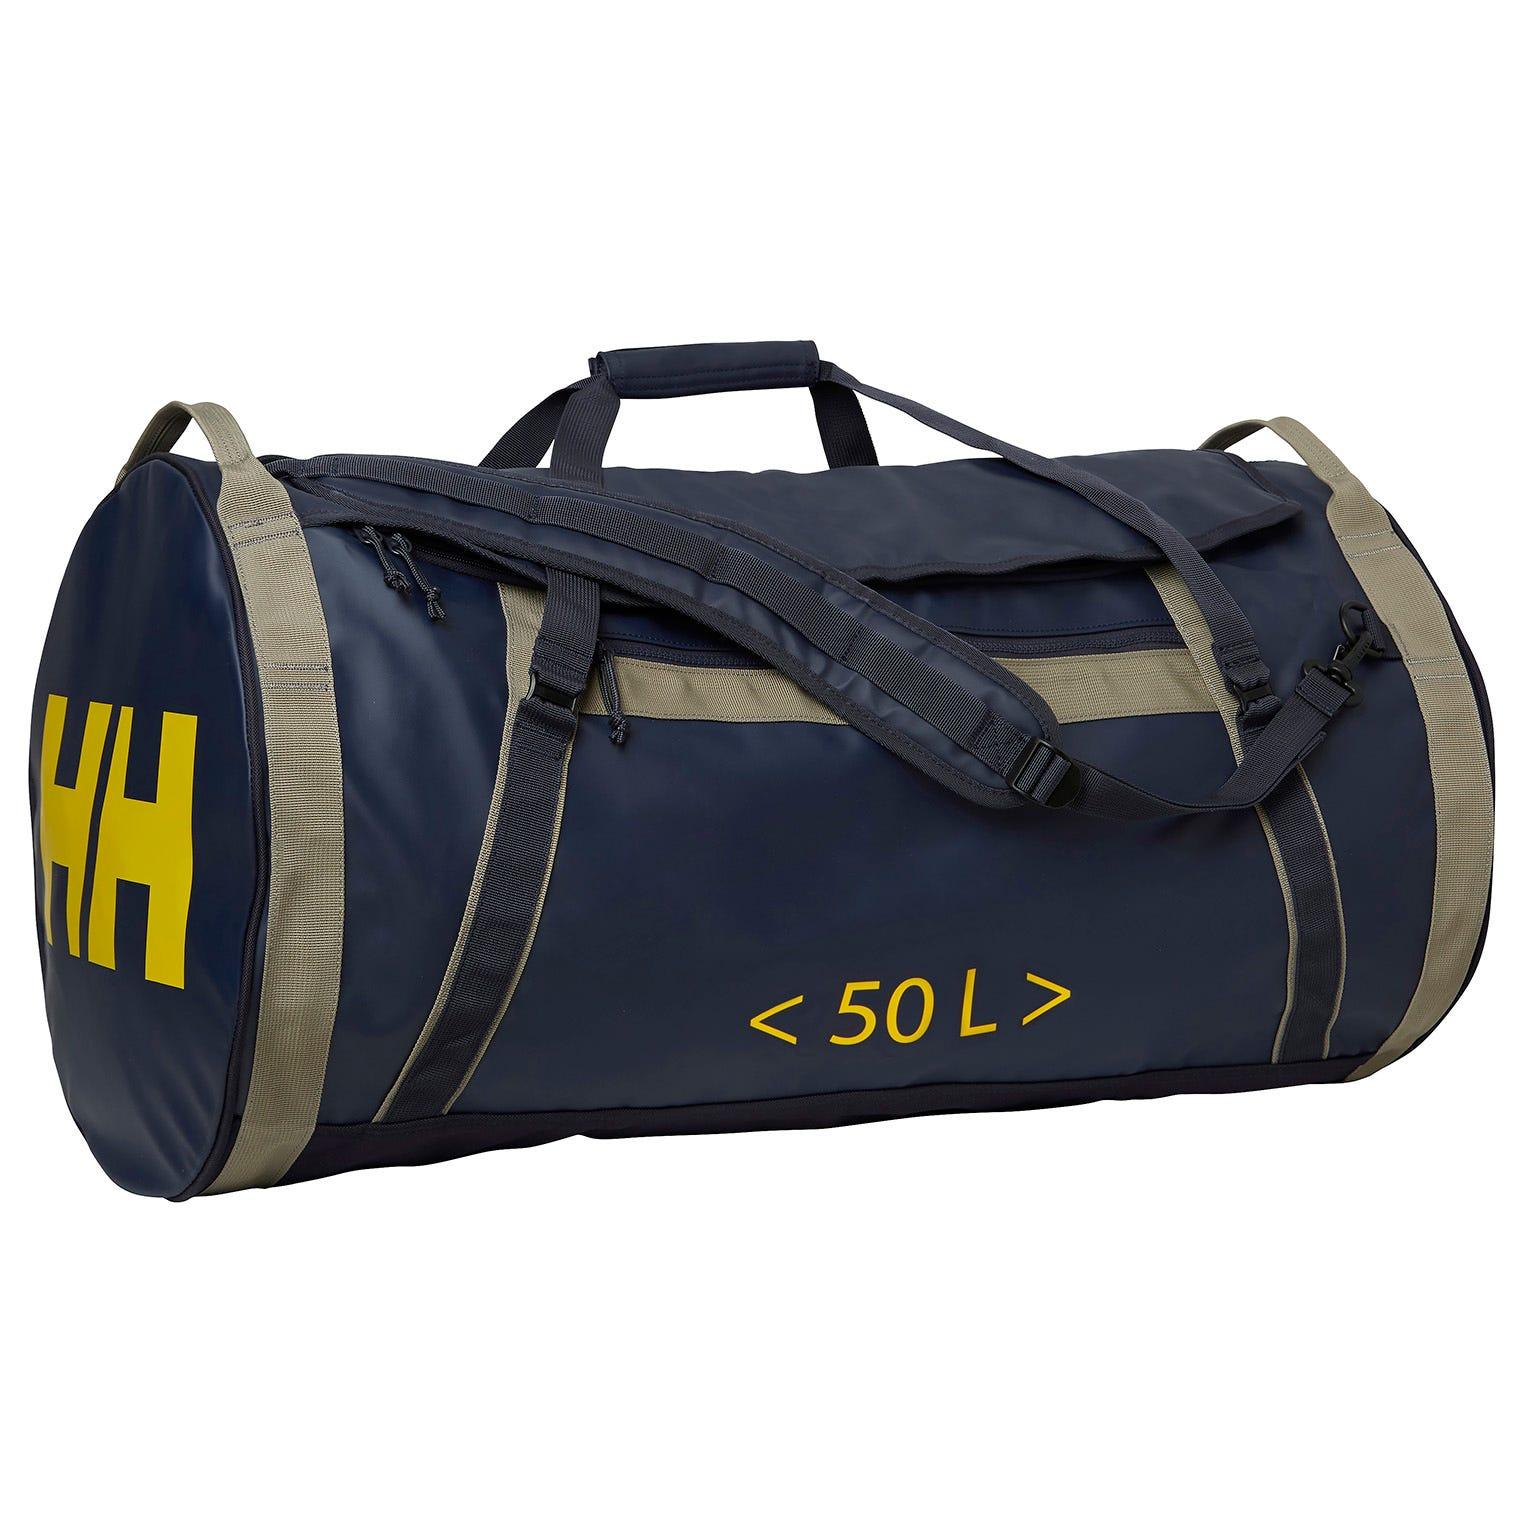 1fabda016c9a HH DUFFEL BAG 2 50L